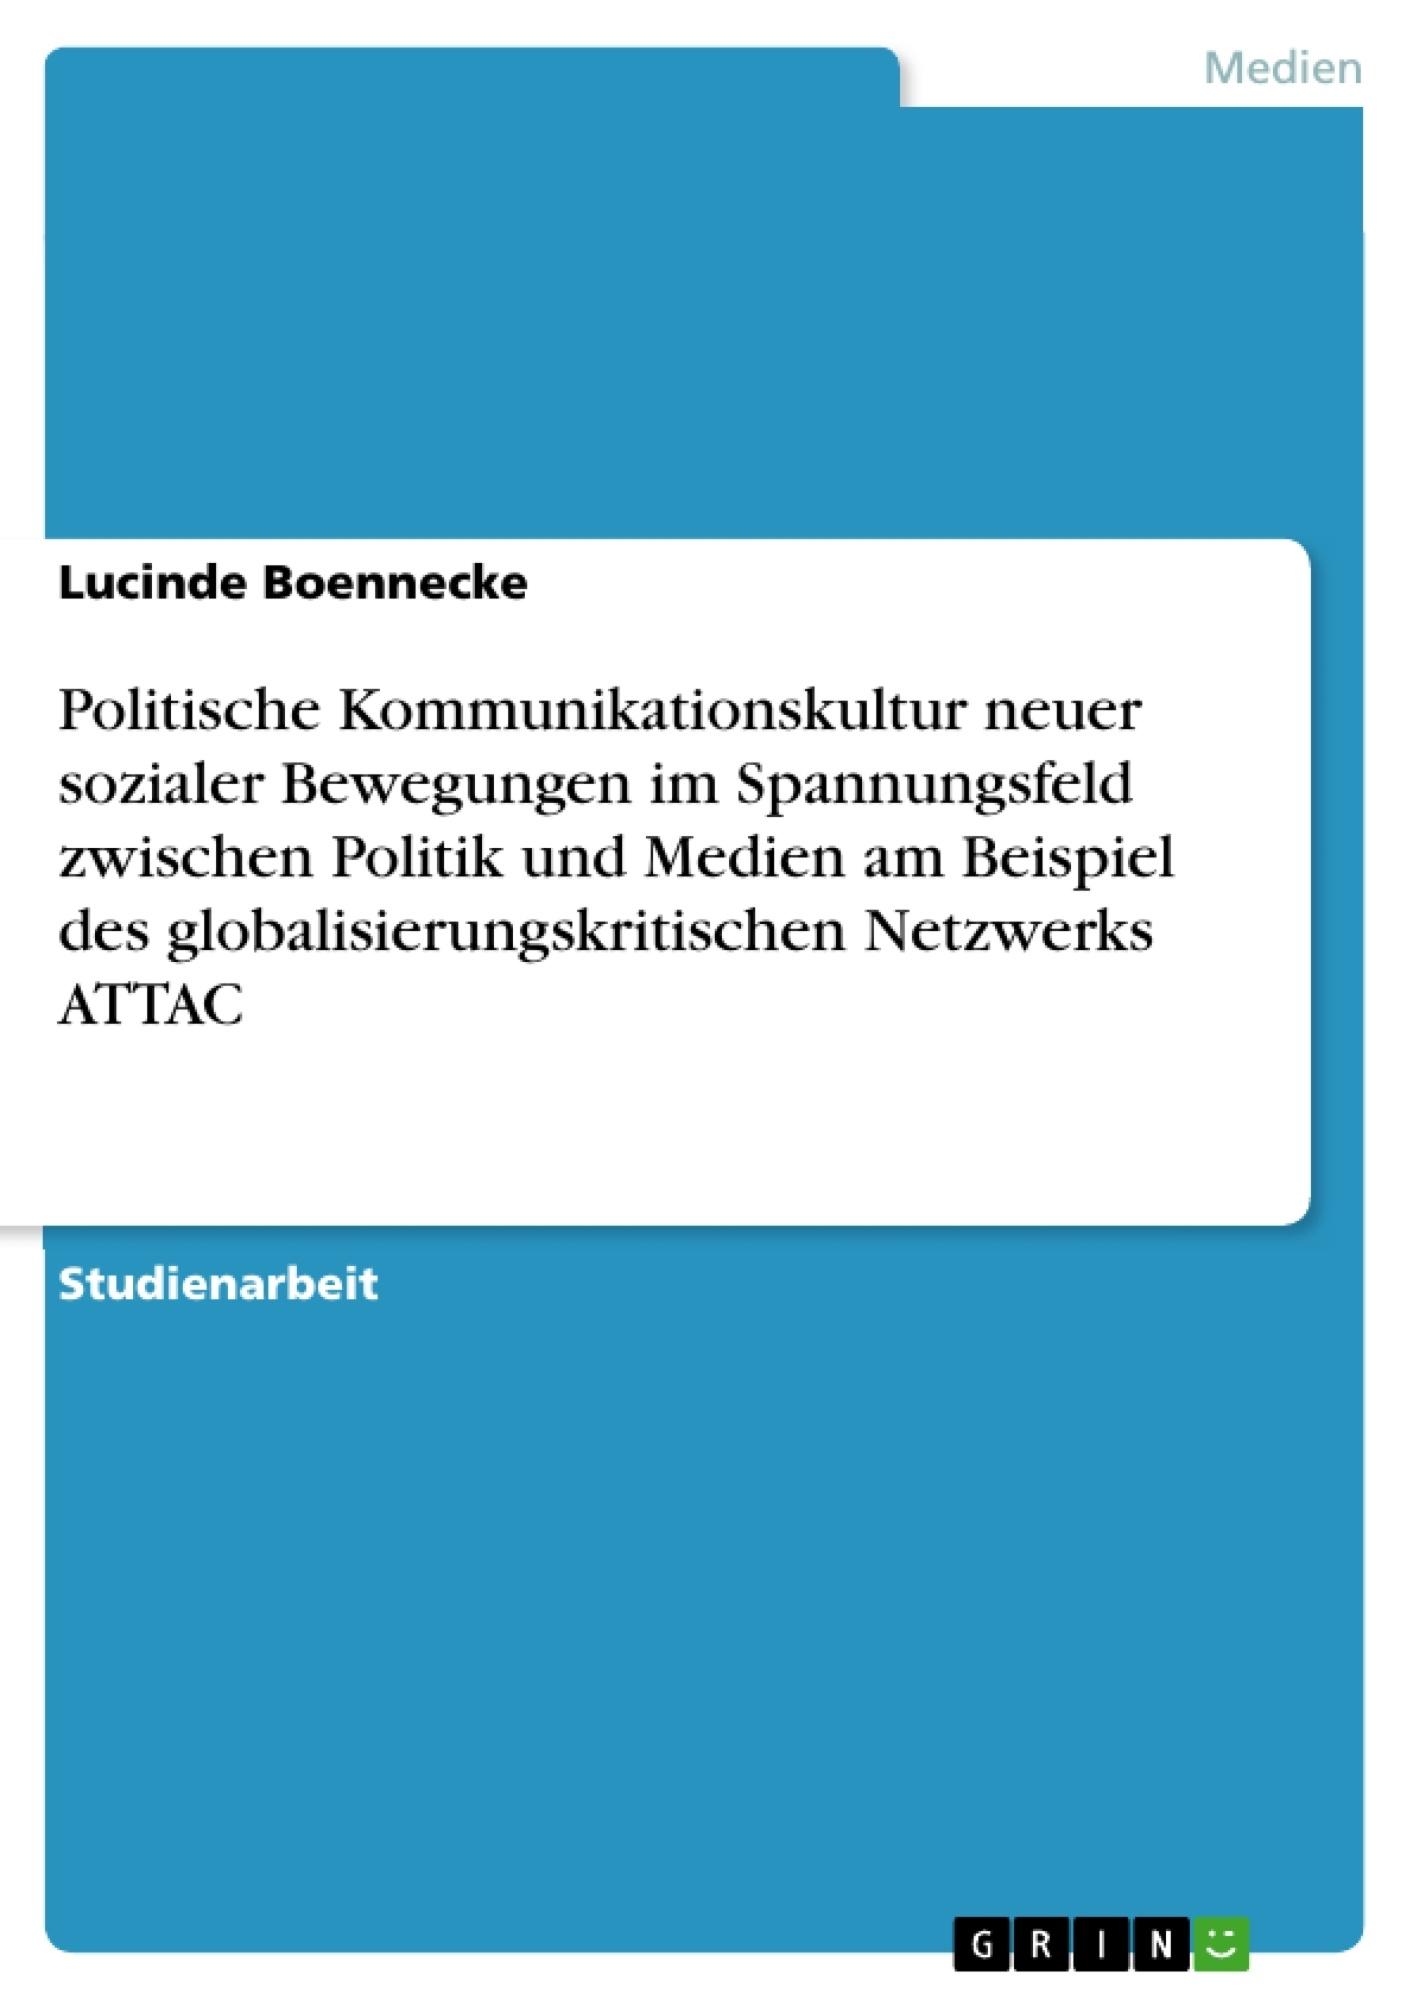 Titel: Politische Kommunikationskultur neuer sozialer Bewegungen im Spannungsfeld zwischen Politik und Medien am Beispiel des globalisierungskritischen Netzwerks ATTAC